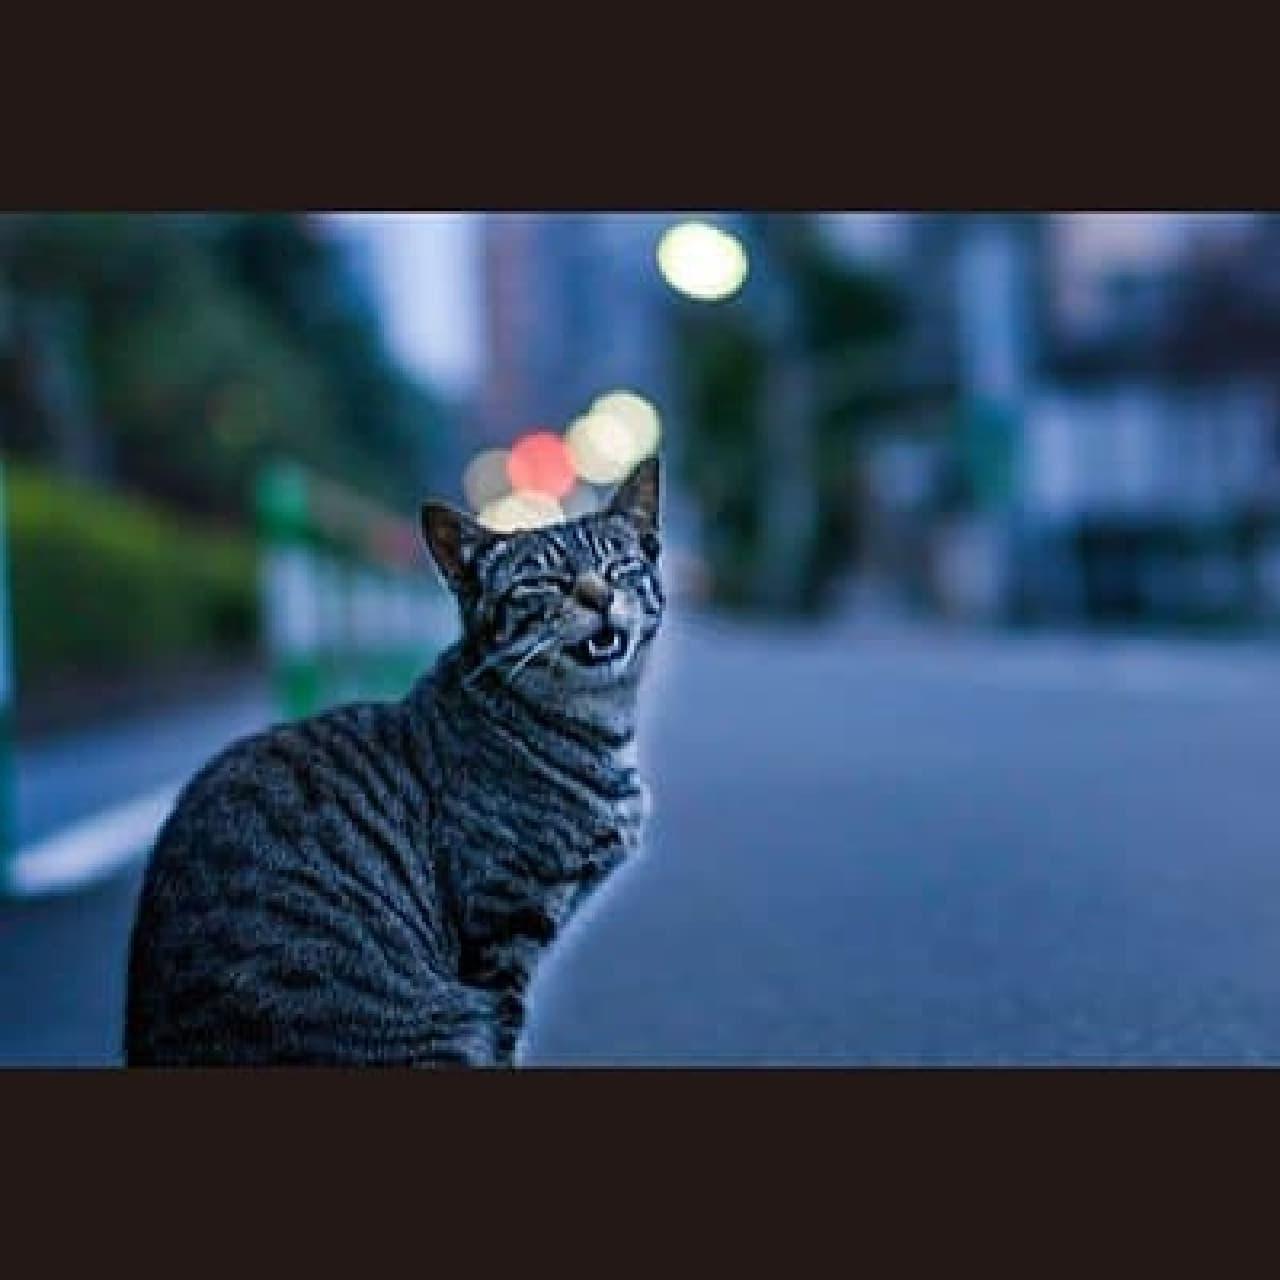 野良ネコと町、人を撮影している写真家集団「東京猫色」